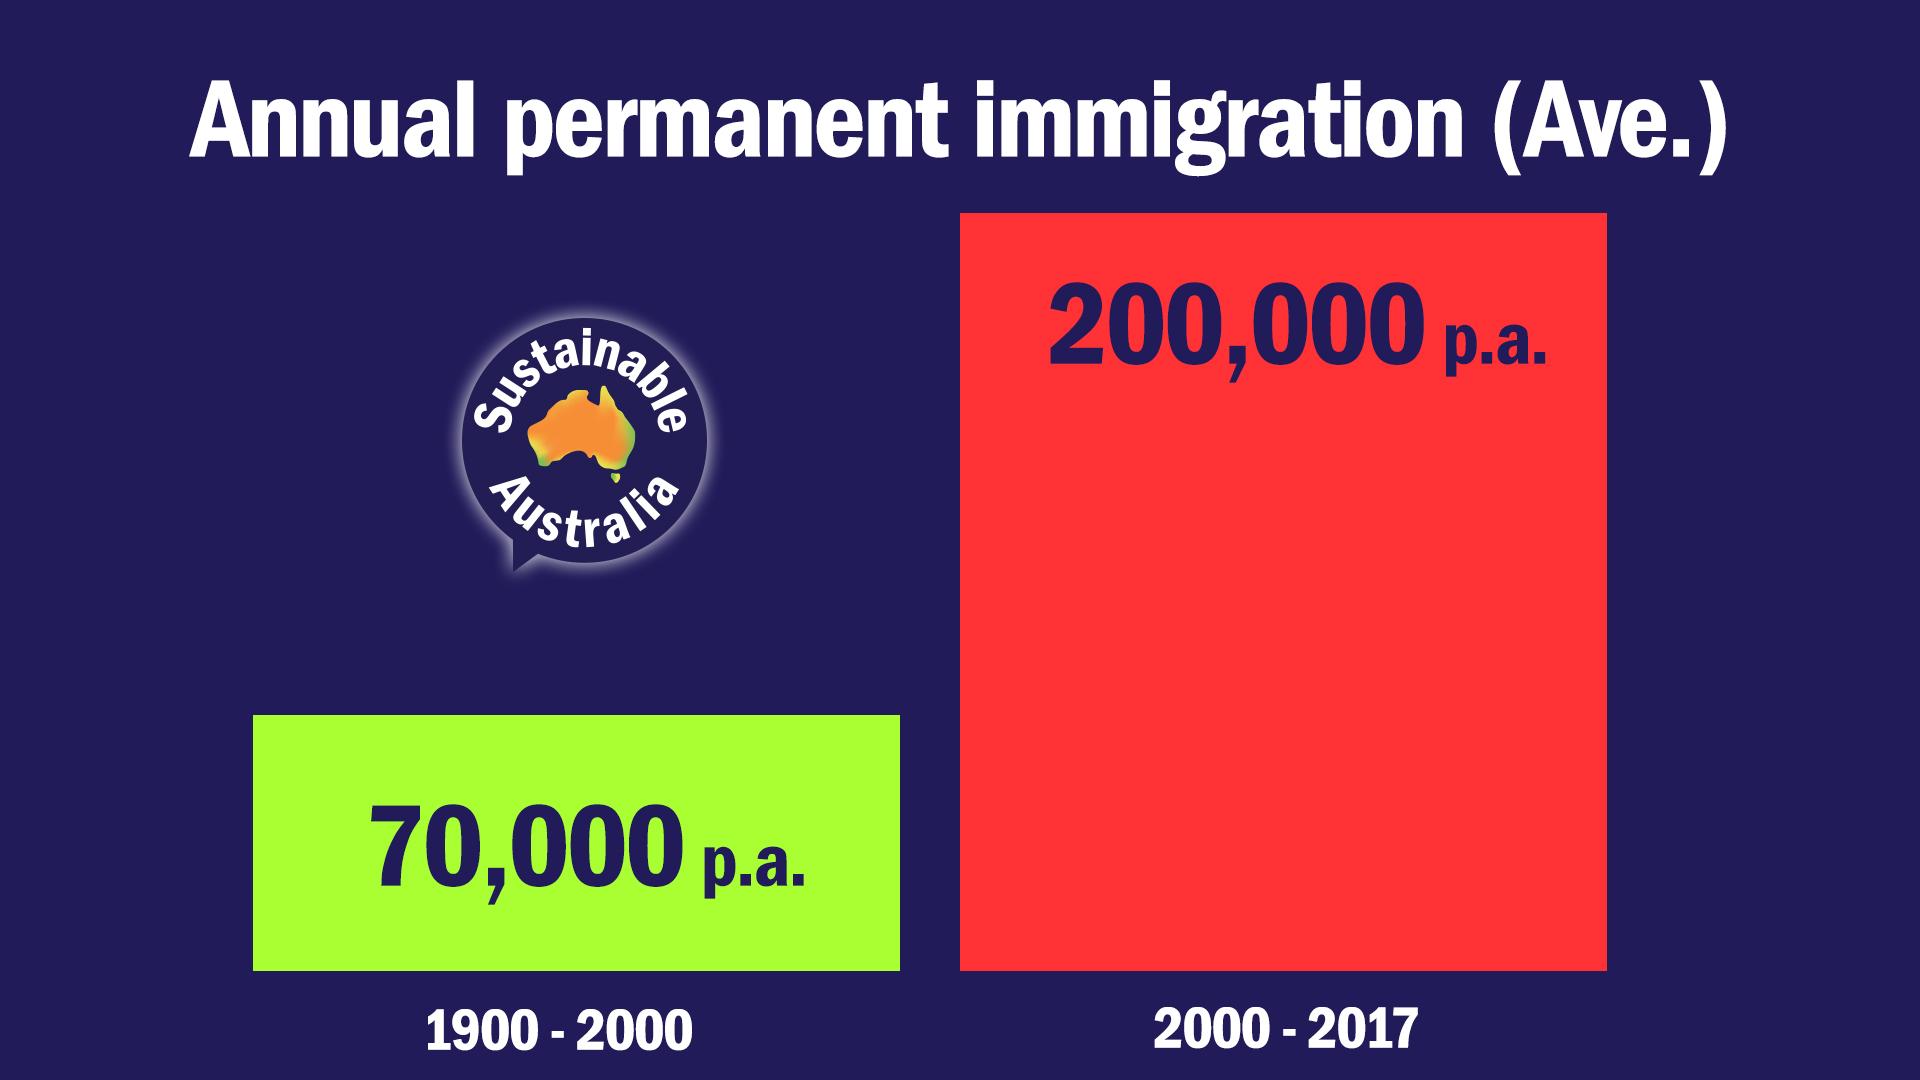 Sustainable_Australia_Versus_Big_Australia-Immigration.jpg